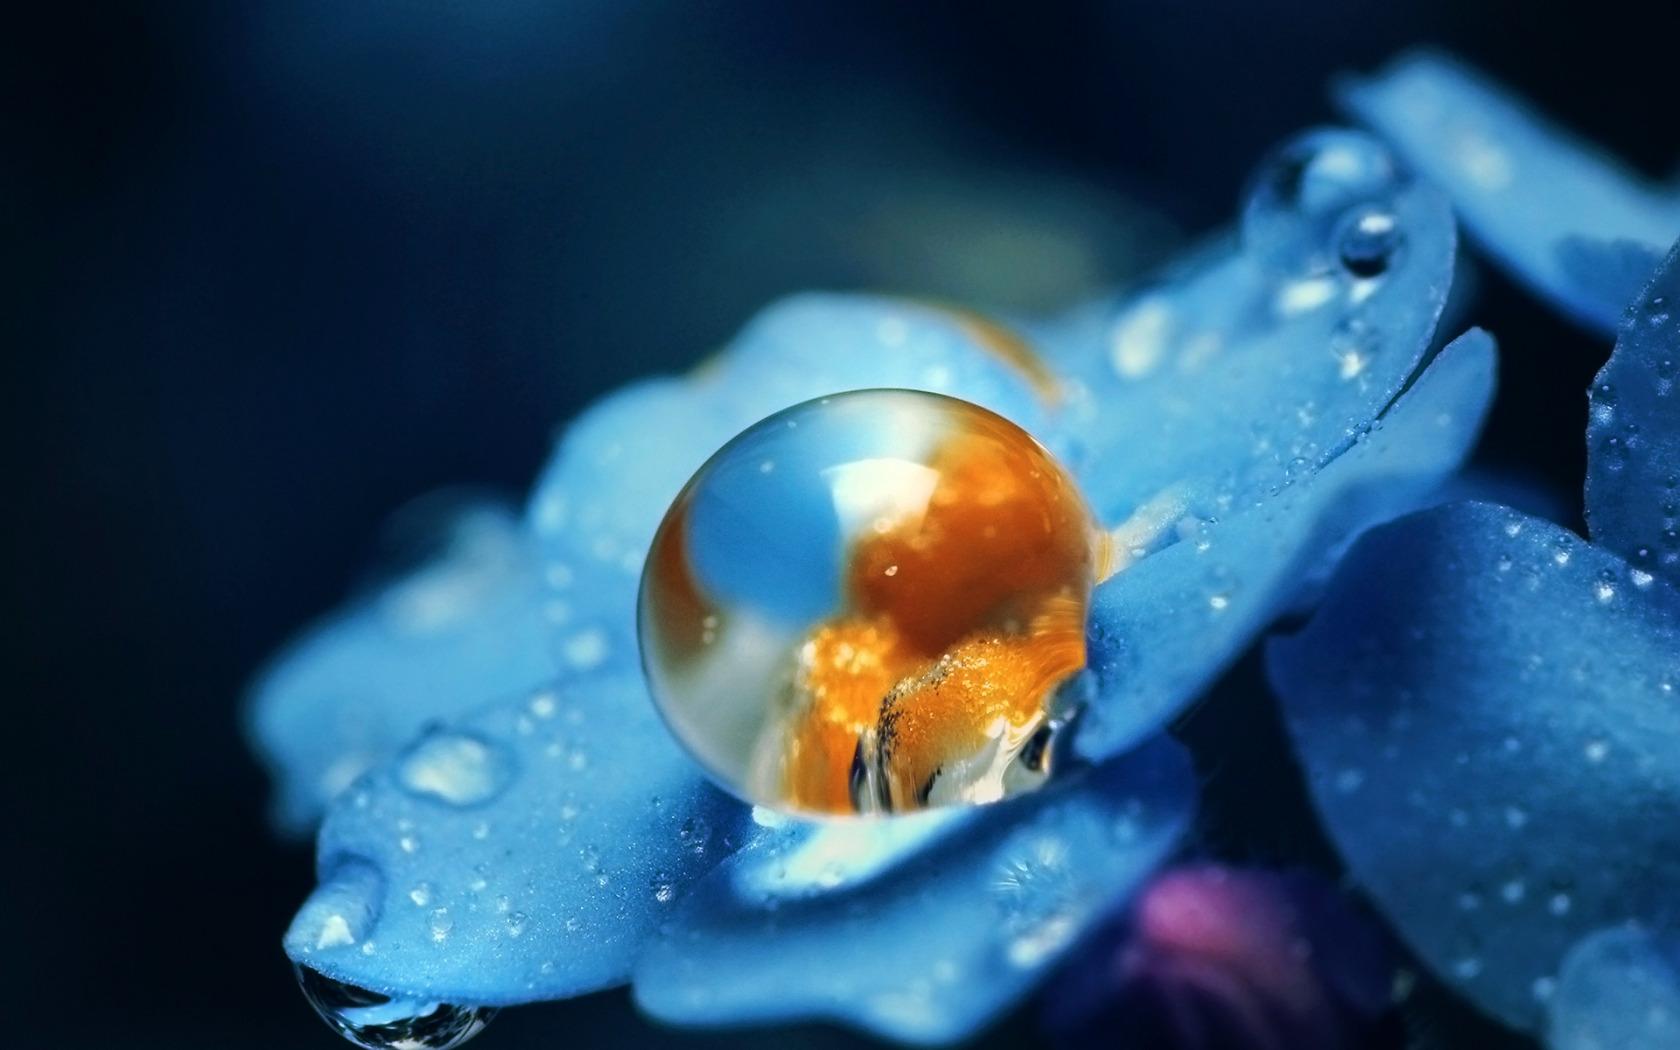 выражаем фото капли воды высокого разрешения на цветах прекрасно подойдет